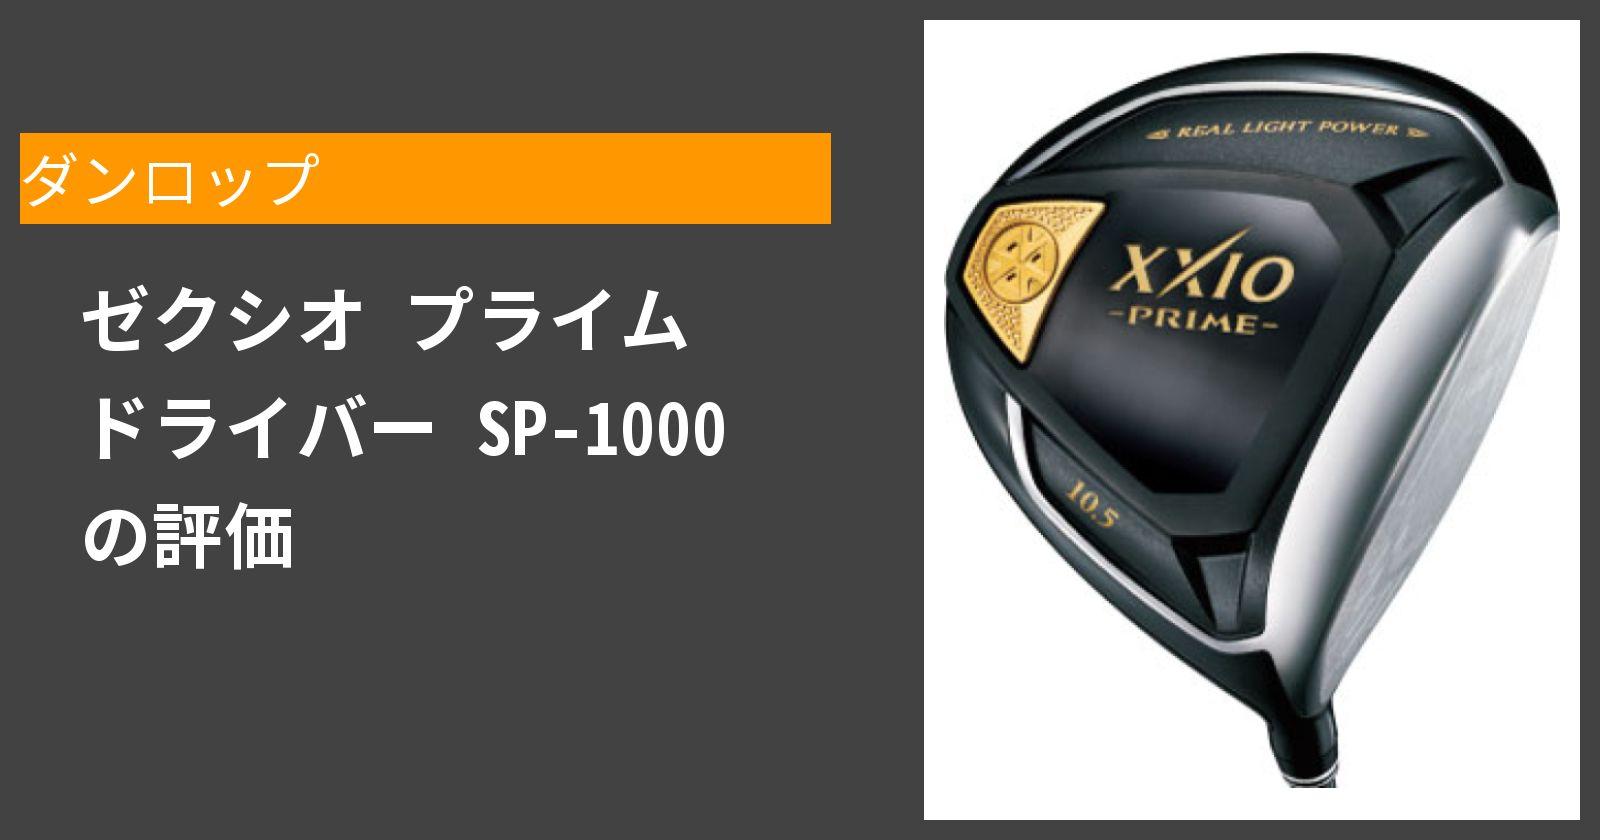 ゼクシオ プライム ドライバー SP-1000を徹底評価